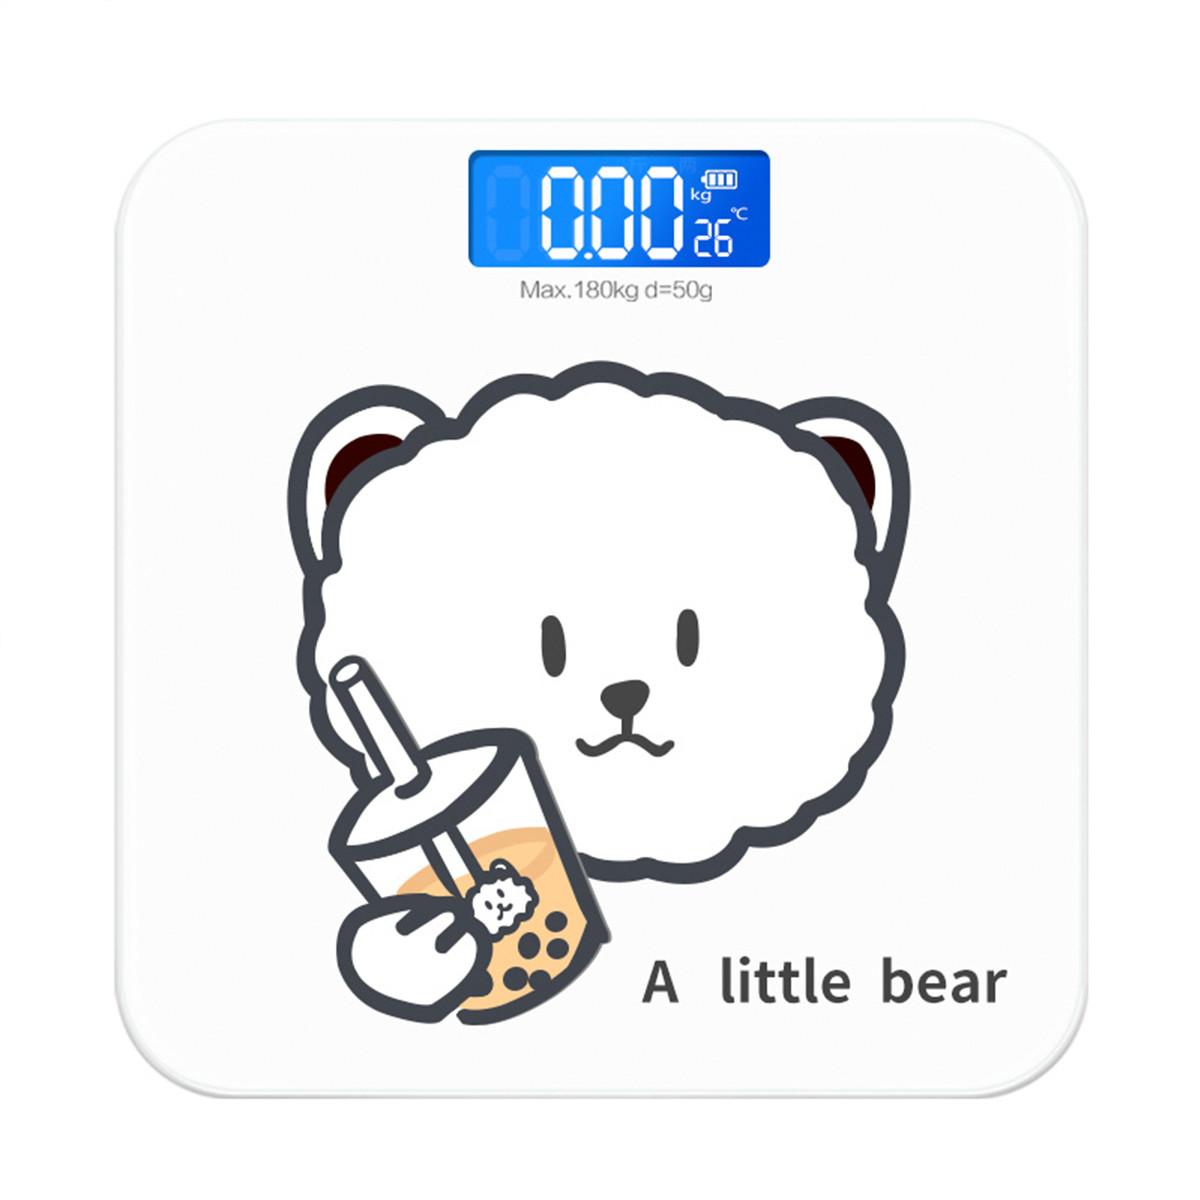 体重秤电子秤卡通奶茶熊可充电人体秤称重精准健康秤测温体重秤